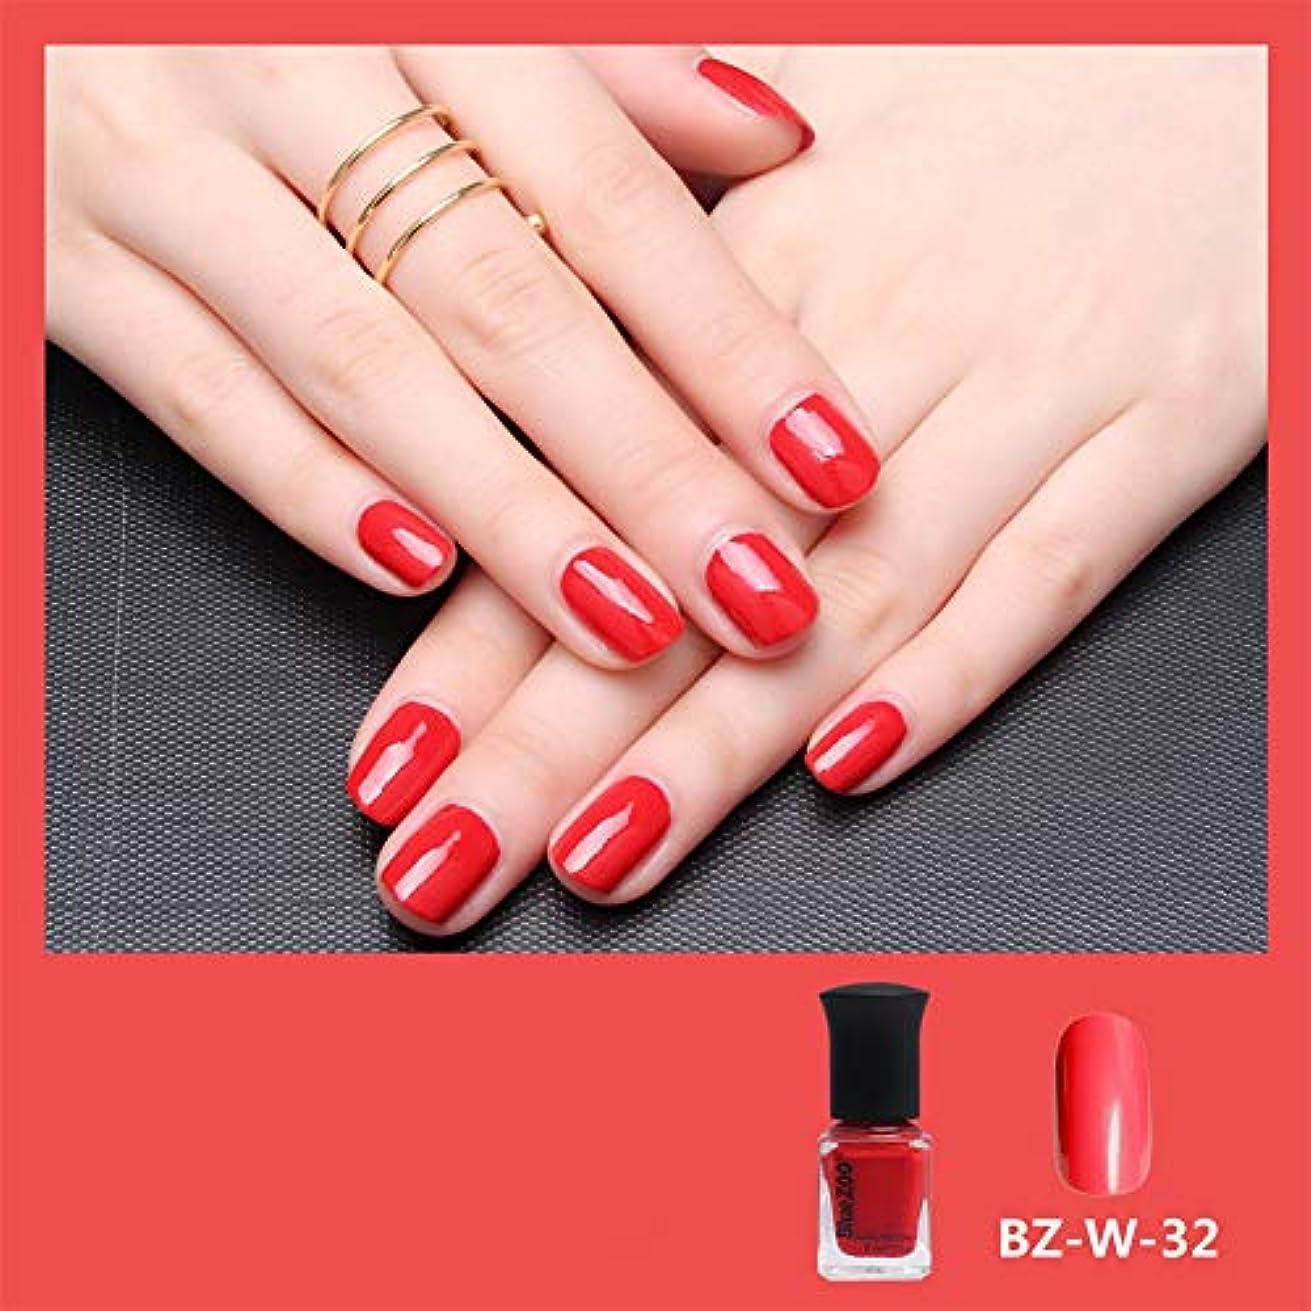 十分ではないクラックポットブリッジシャイニーネイルポリッシュジェル水溶解性カラフルな漆ワニスネイルアートDIY4色6ml (赤)